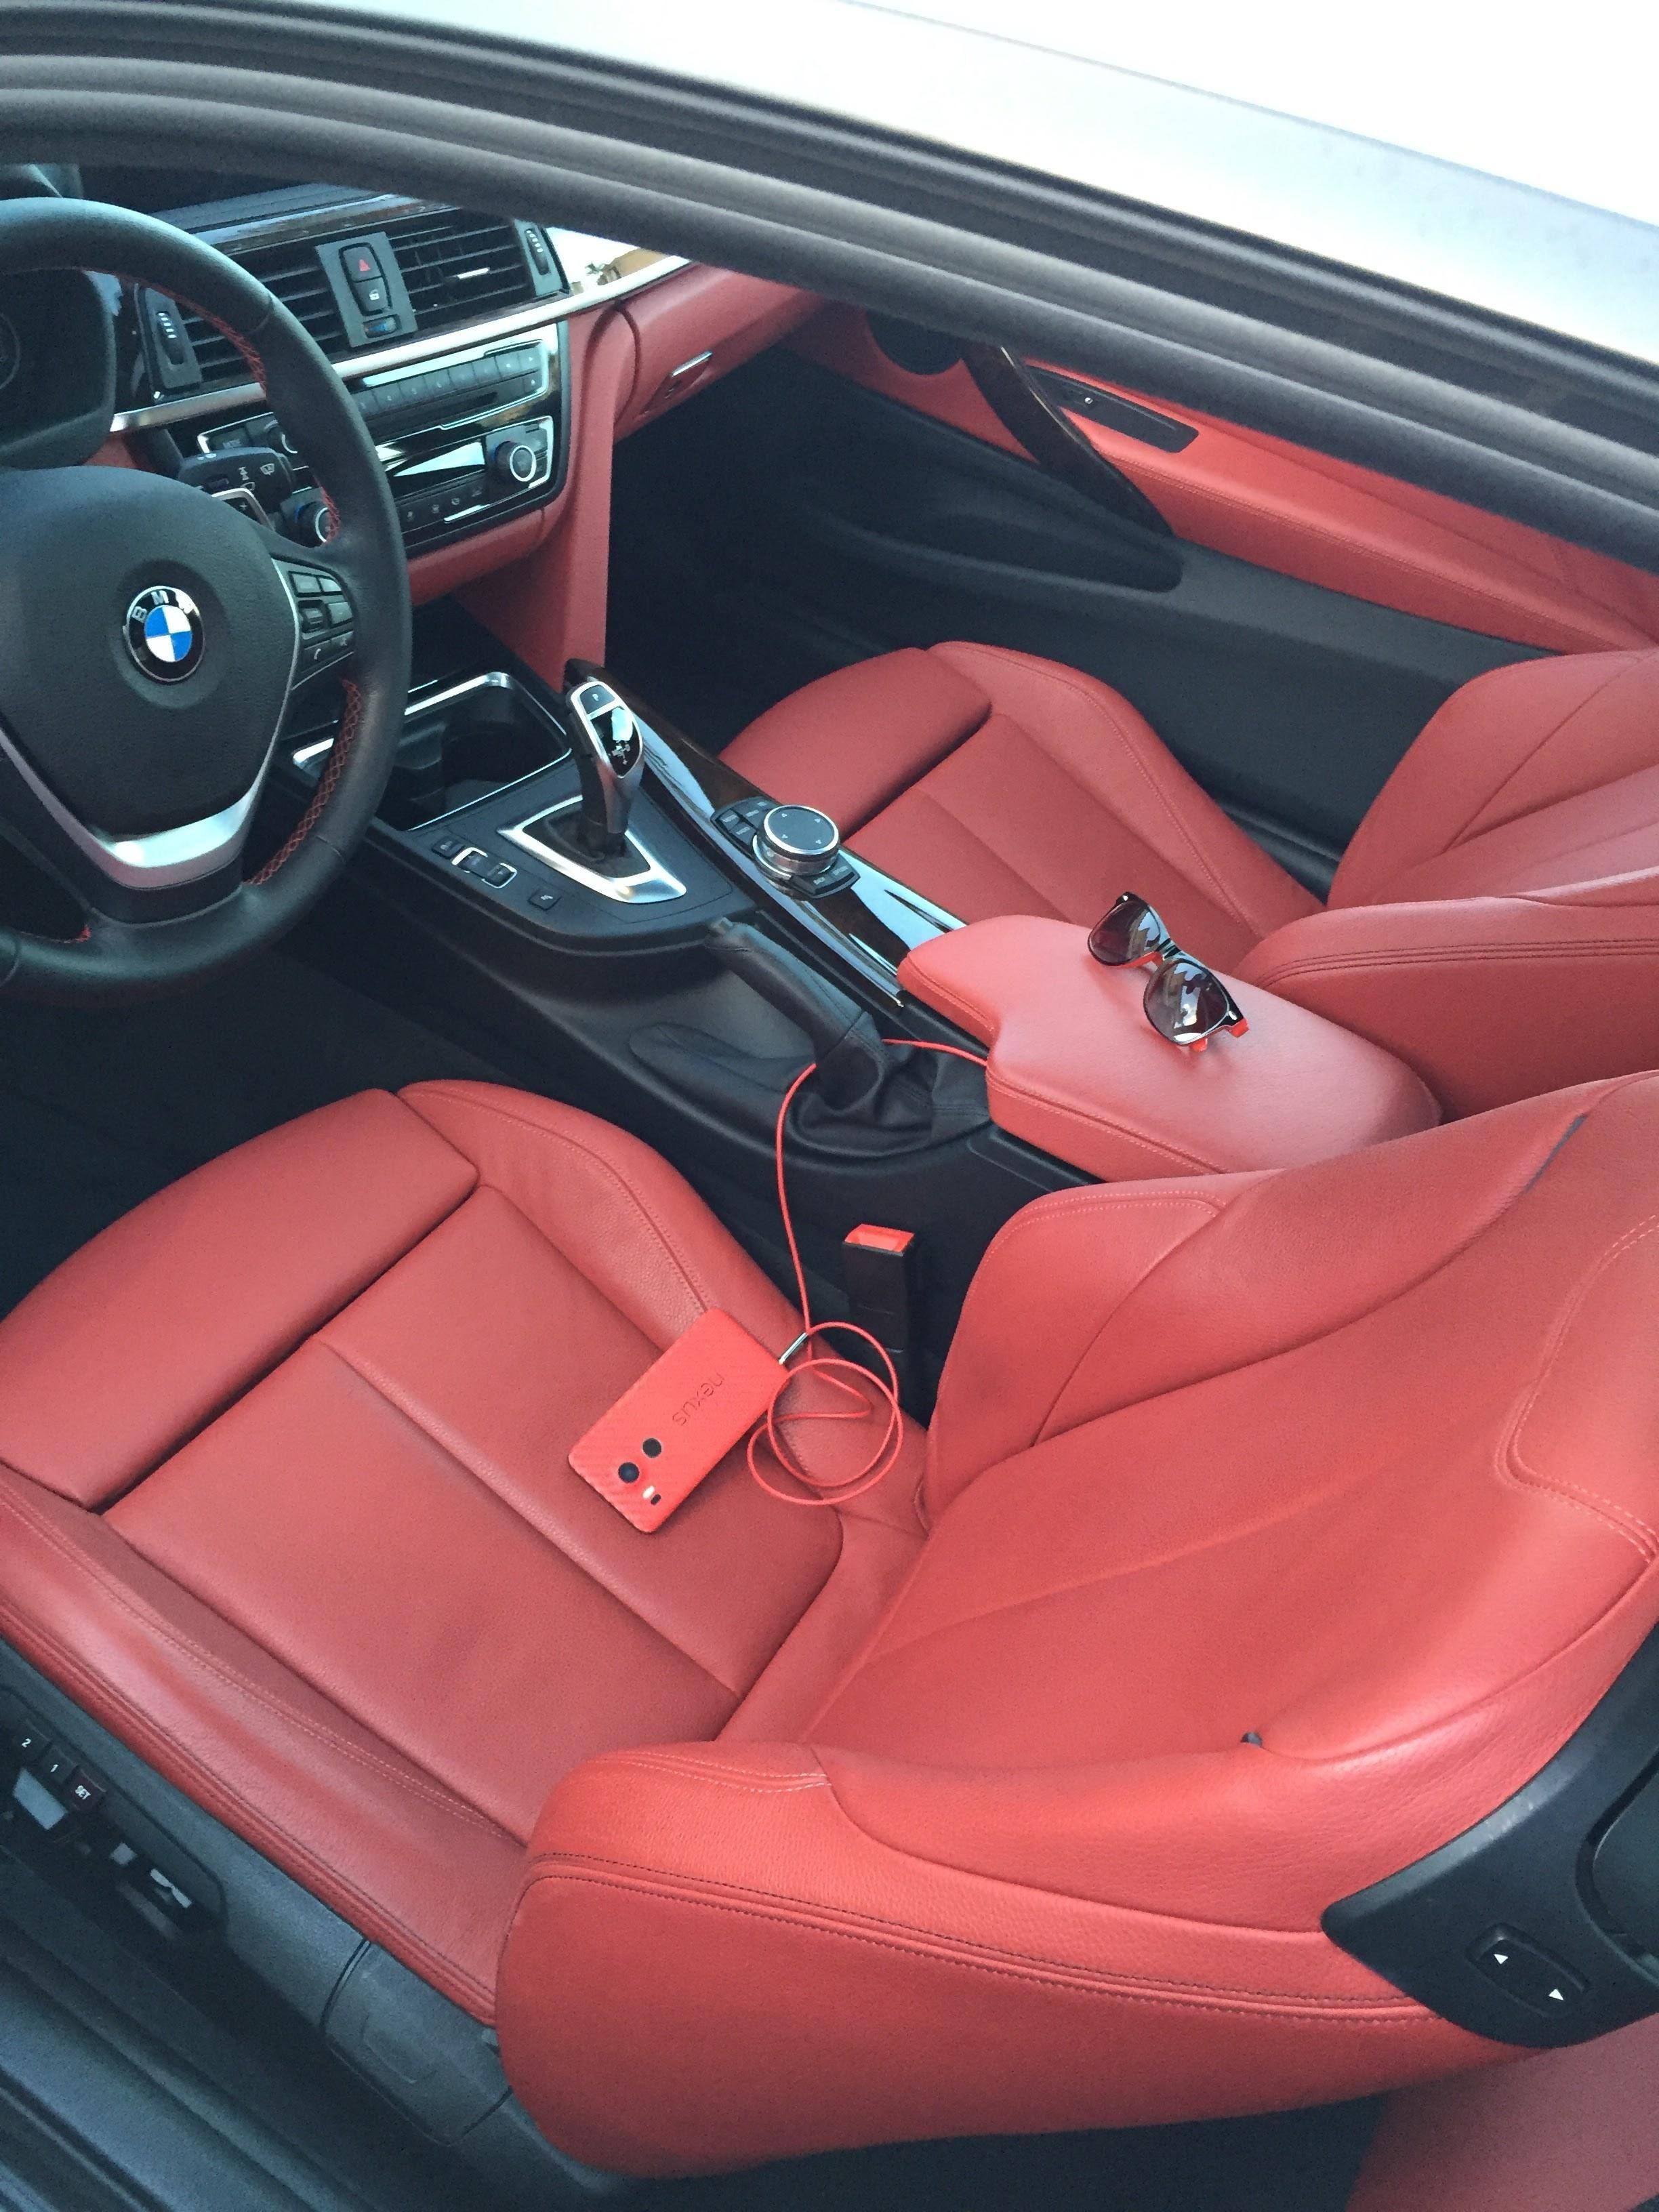 2015 435i Red Interior Bmw Cars M3 Car M4 Auto Bmw Cars